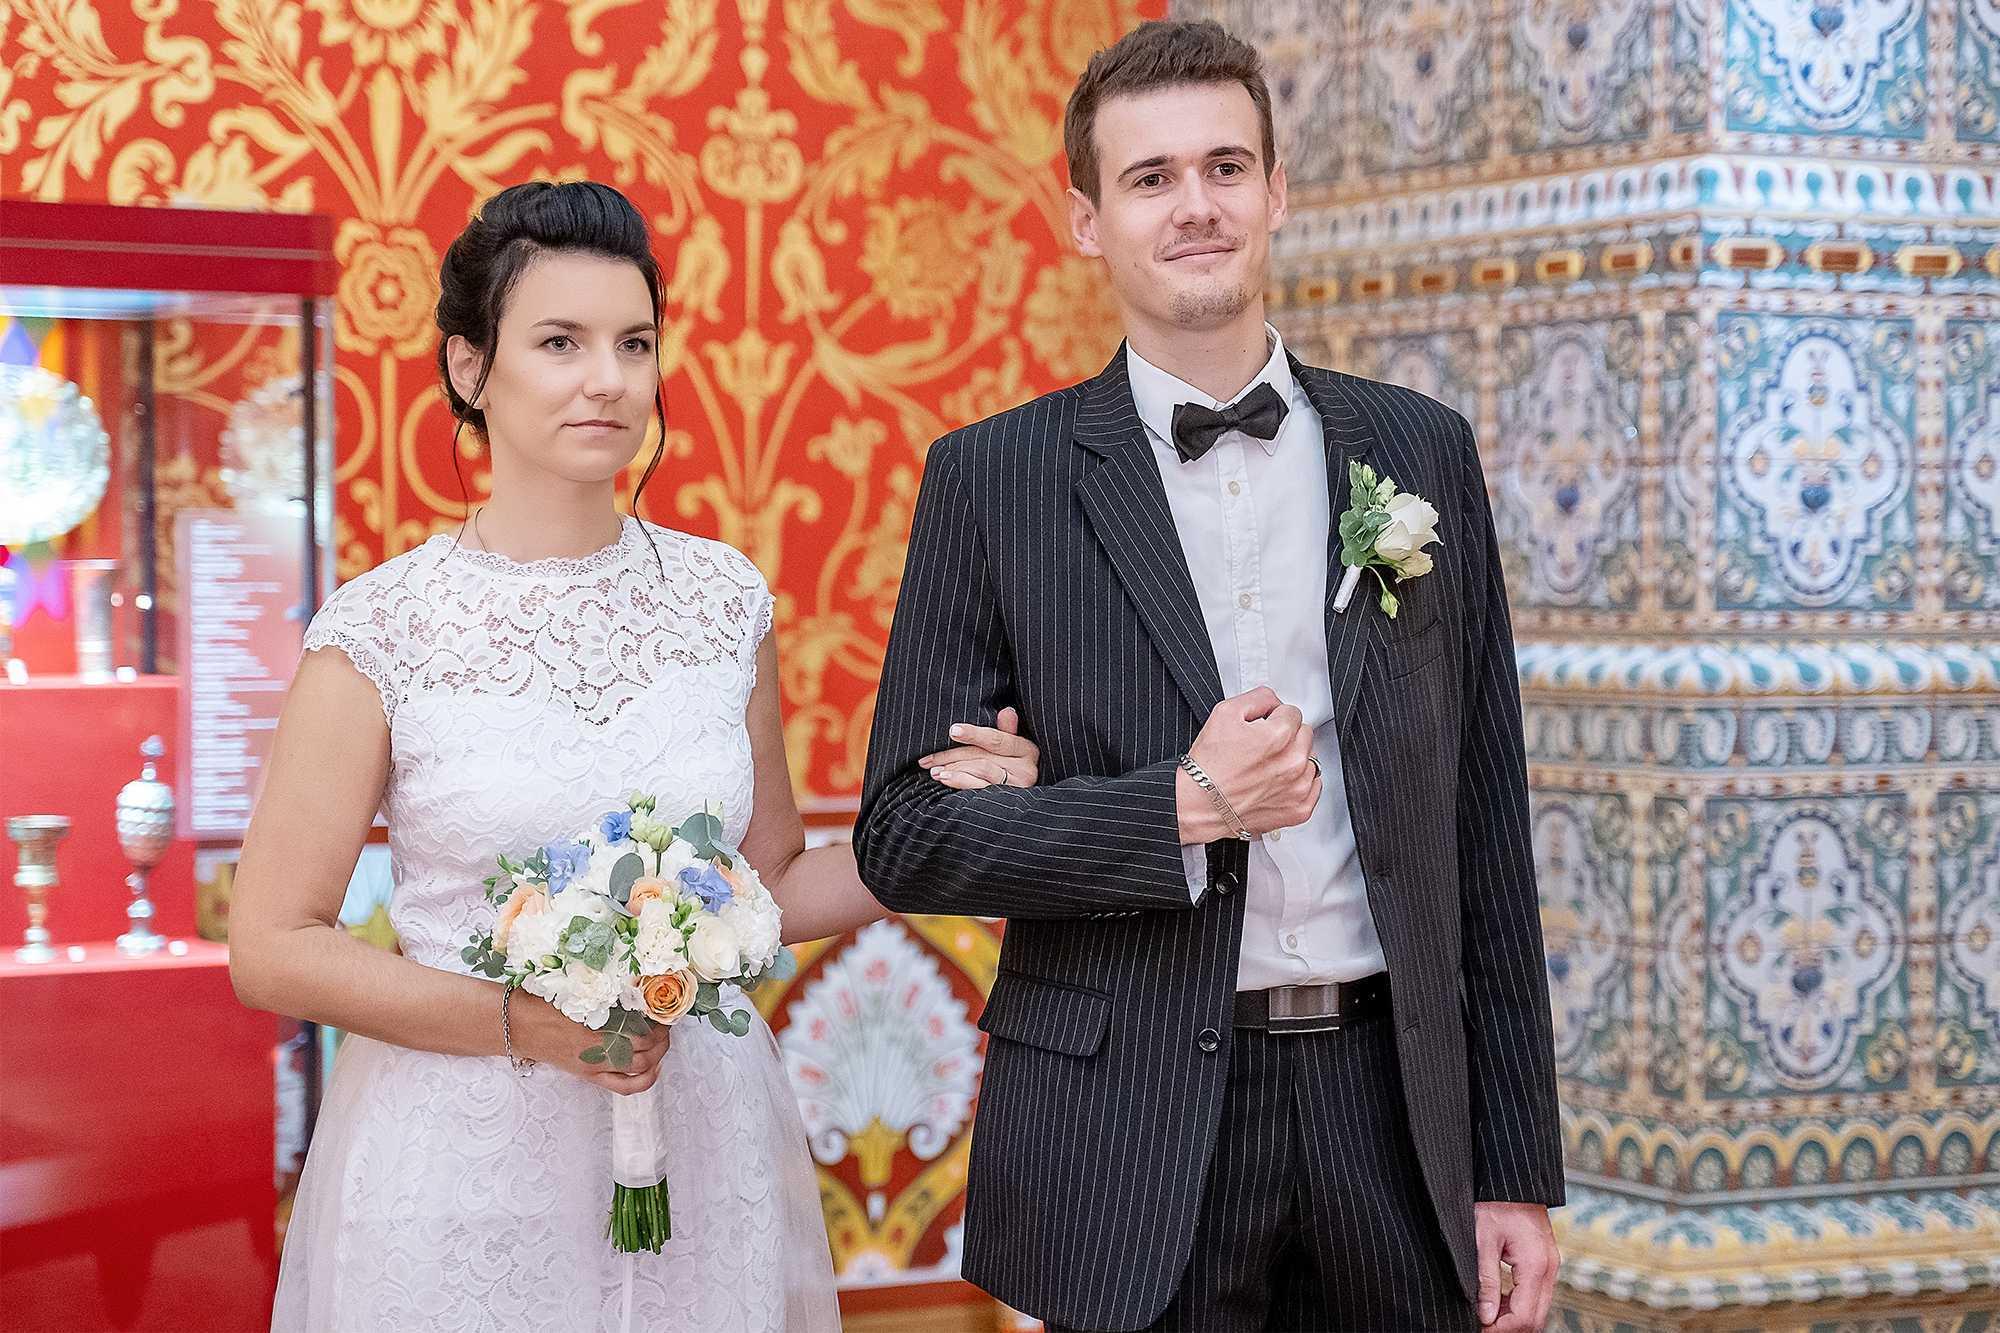 Коломенское дворец бракосочетания